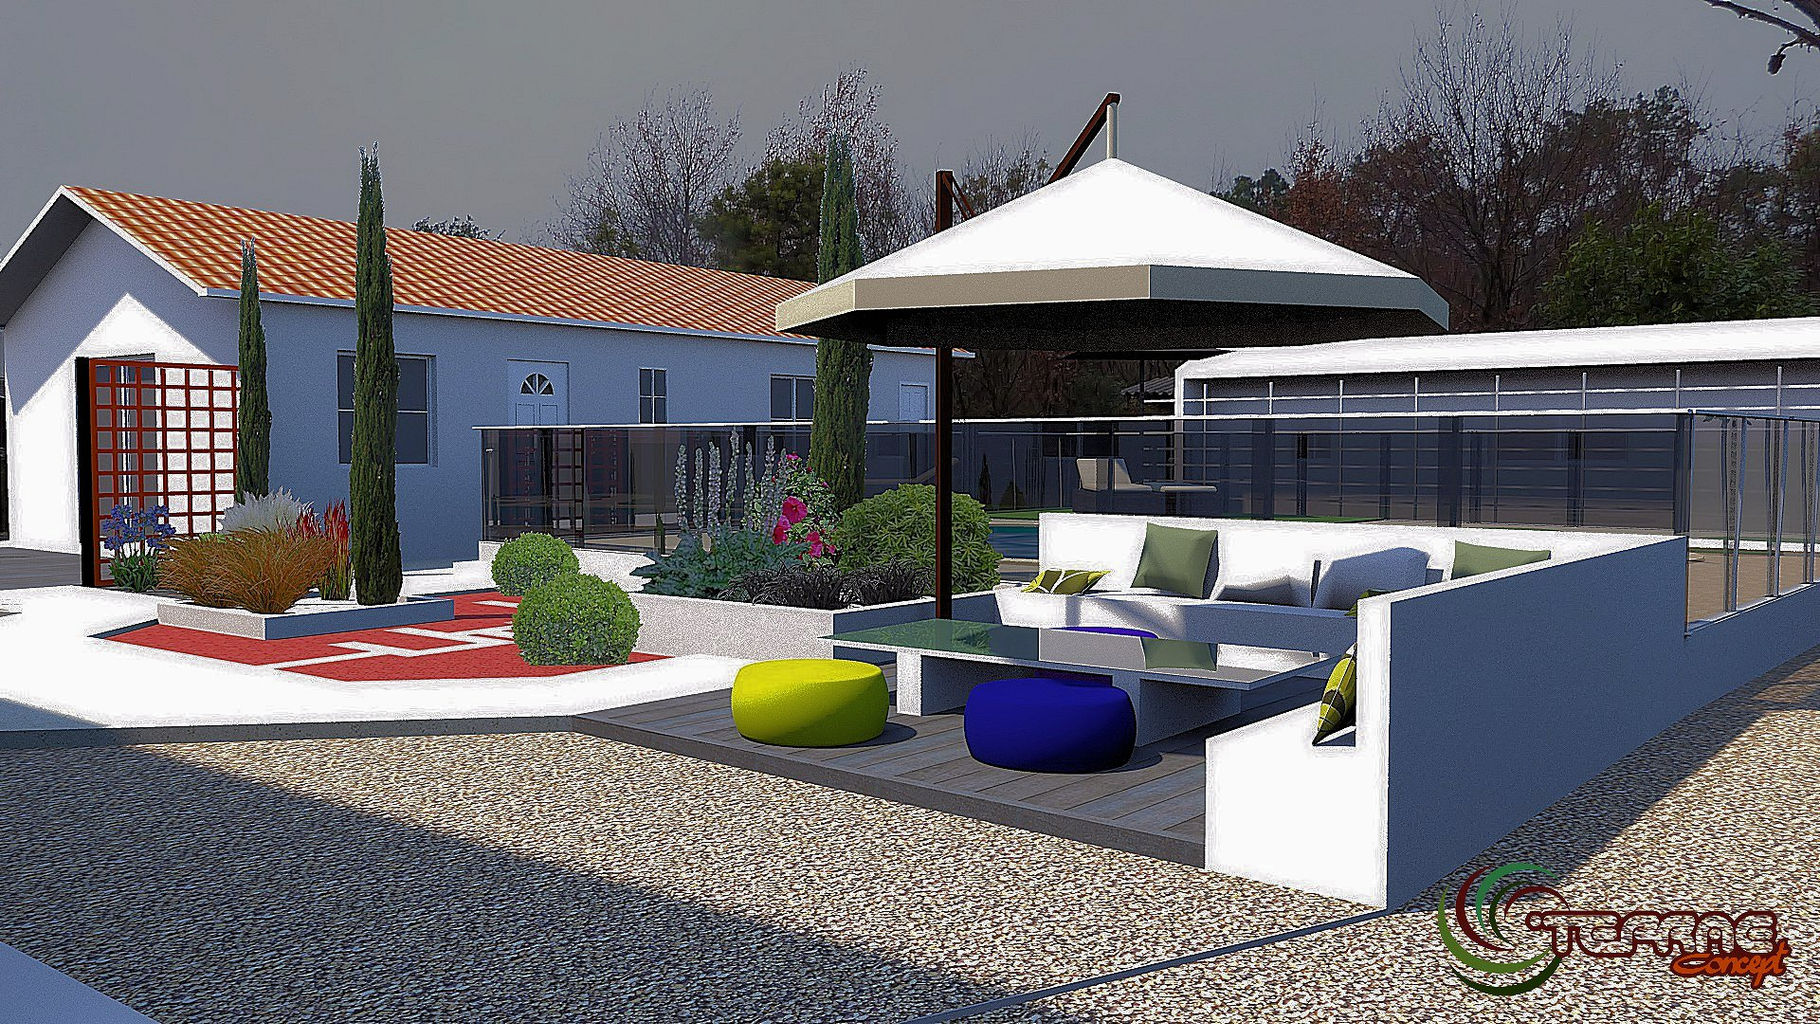 Terrasse et jardin garges les gonesse boulogne billancourt 1122 - Cabane rangement jardin boulogne billancourt ...